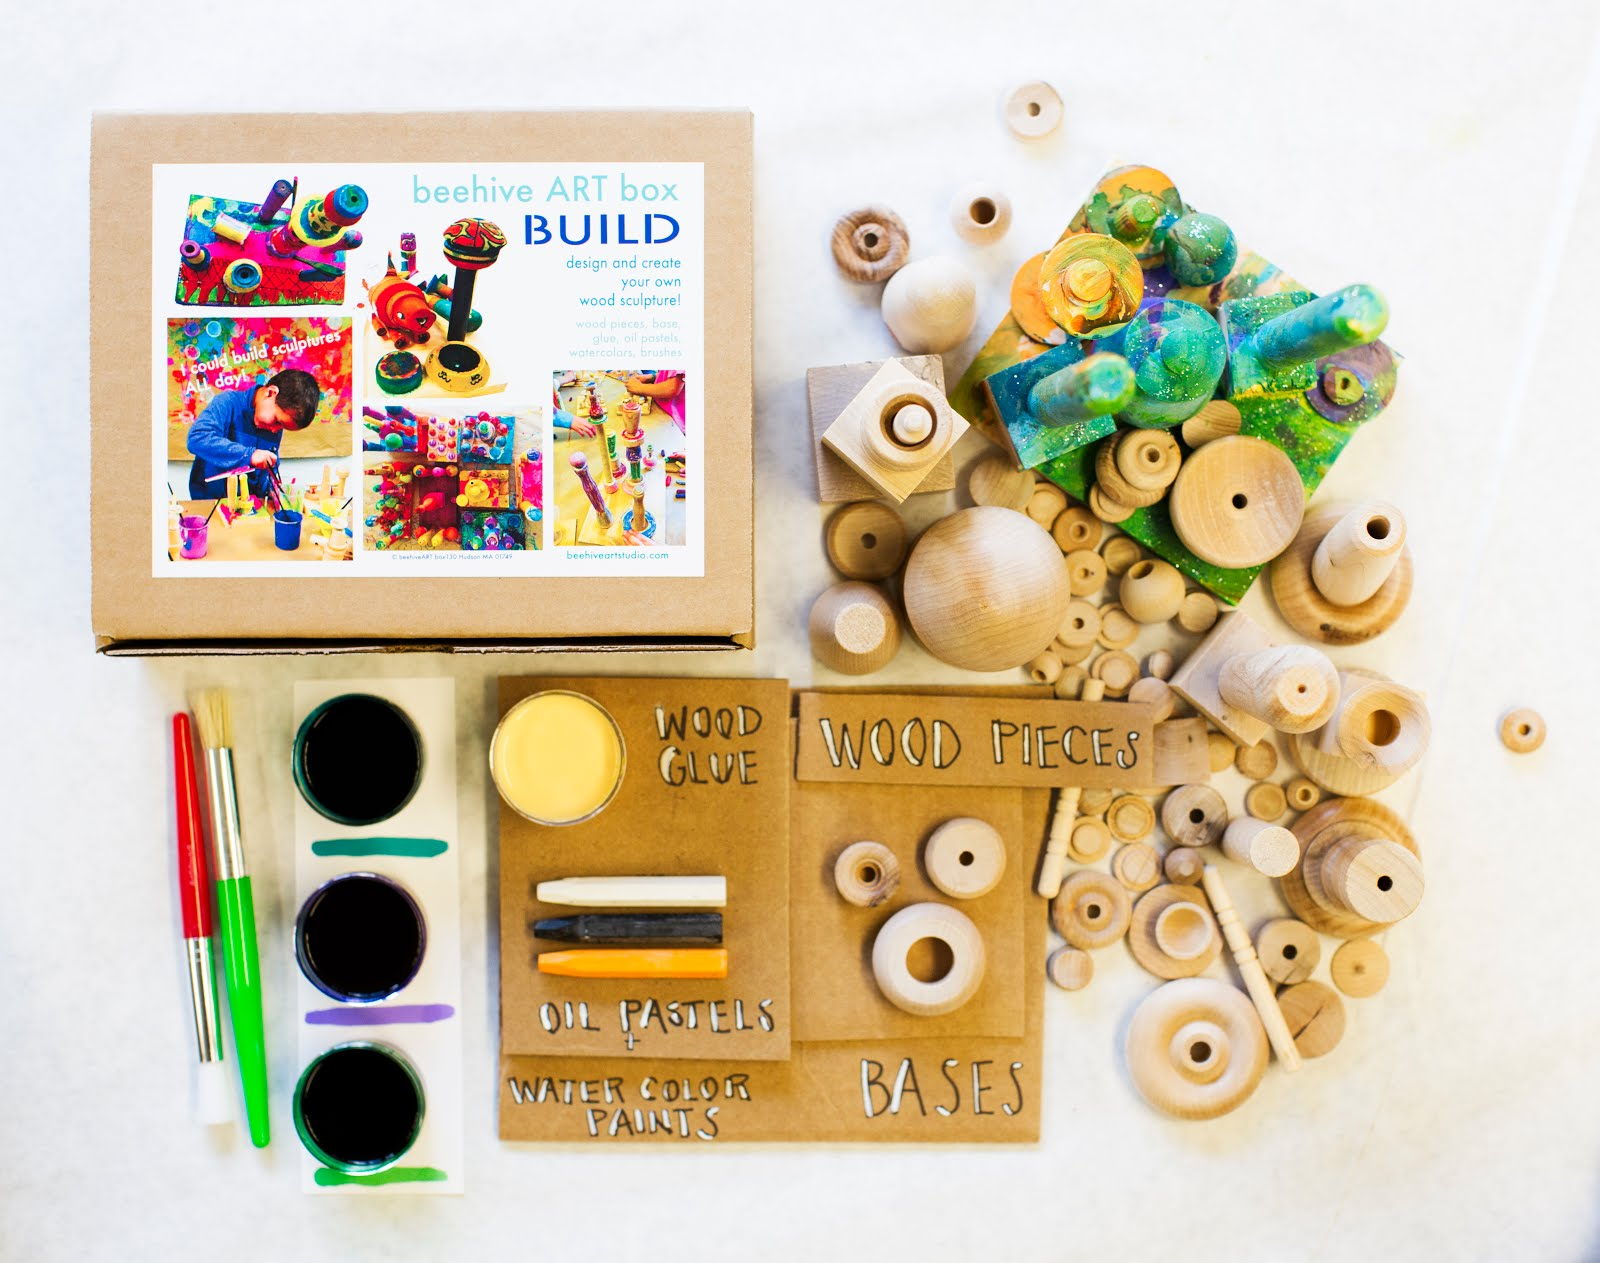 beehive BUILD ARTbox